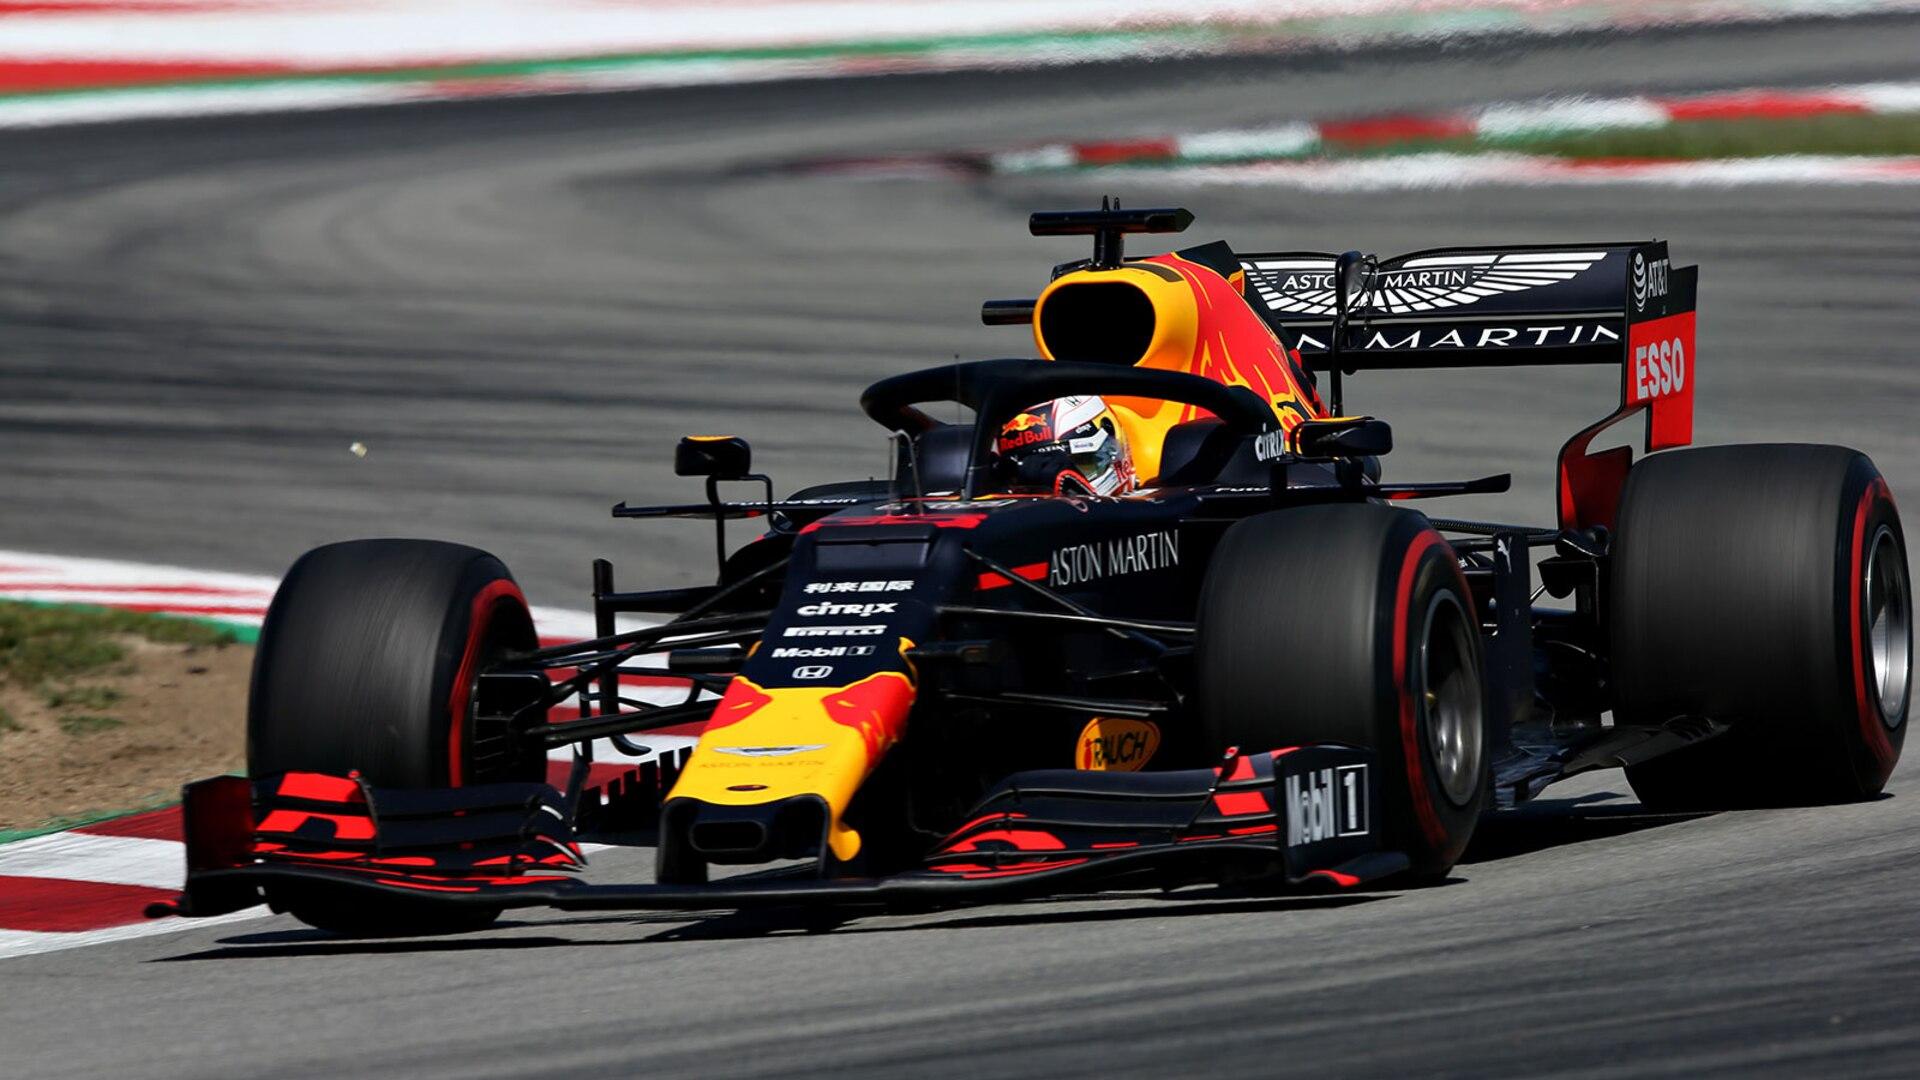 Christian Horner Reveals The Inner Workings Of Red Bull Racing F1 Team